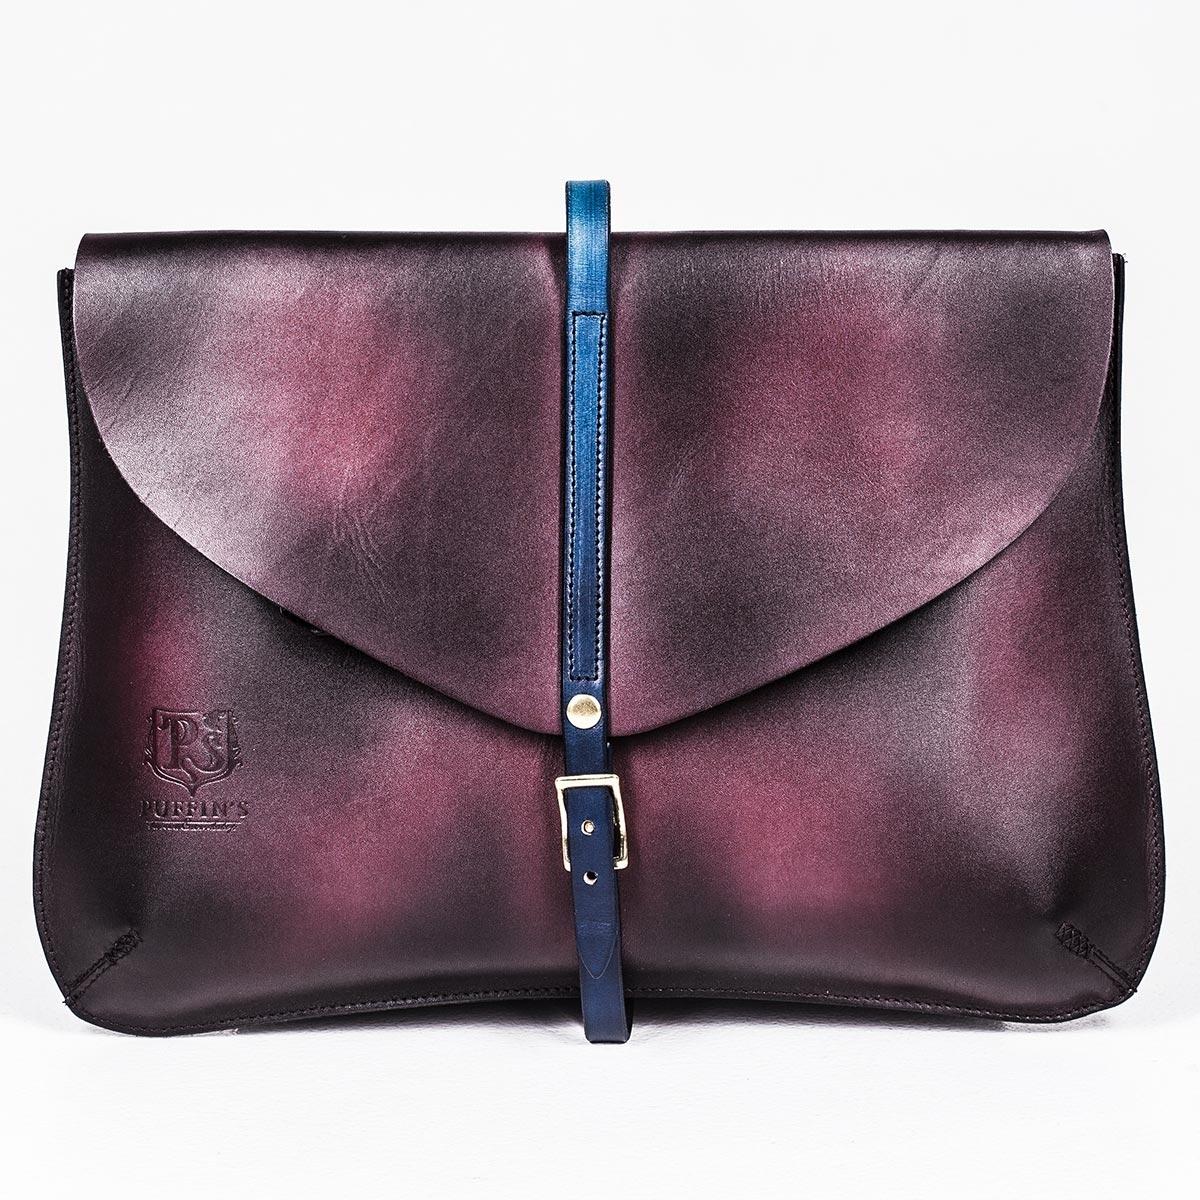 Элегантный клатч CELLO/ чехол для MacBook 13'' голубой сапфир & сливовый винный